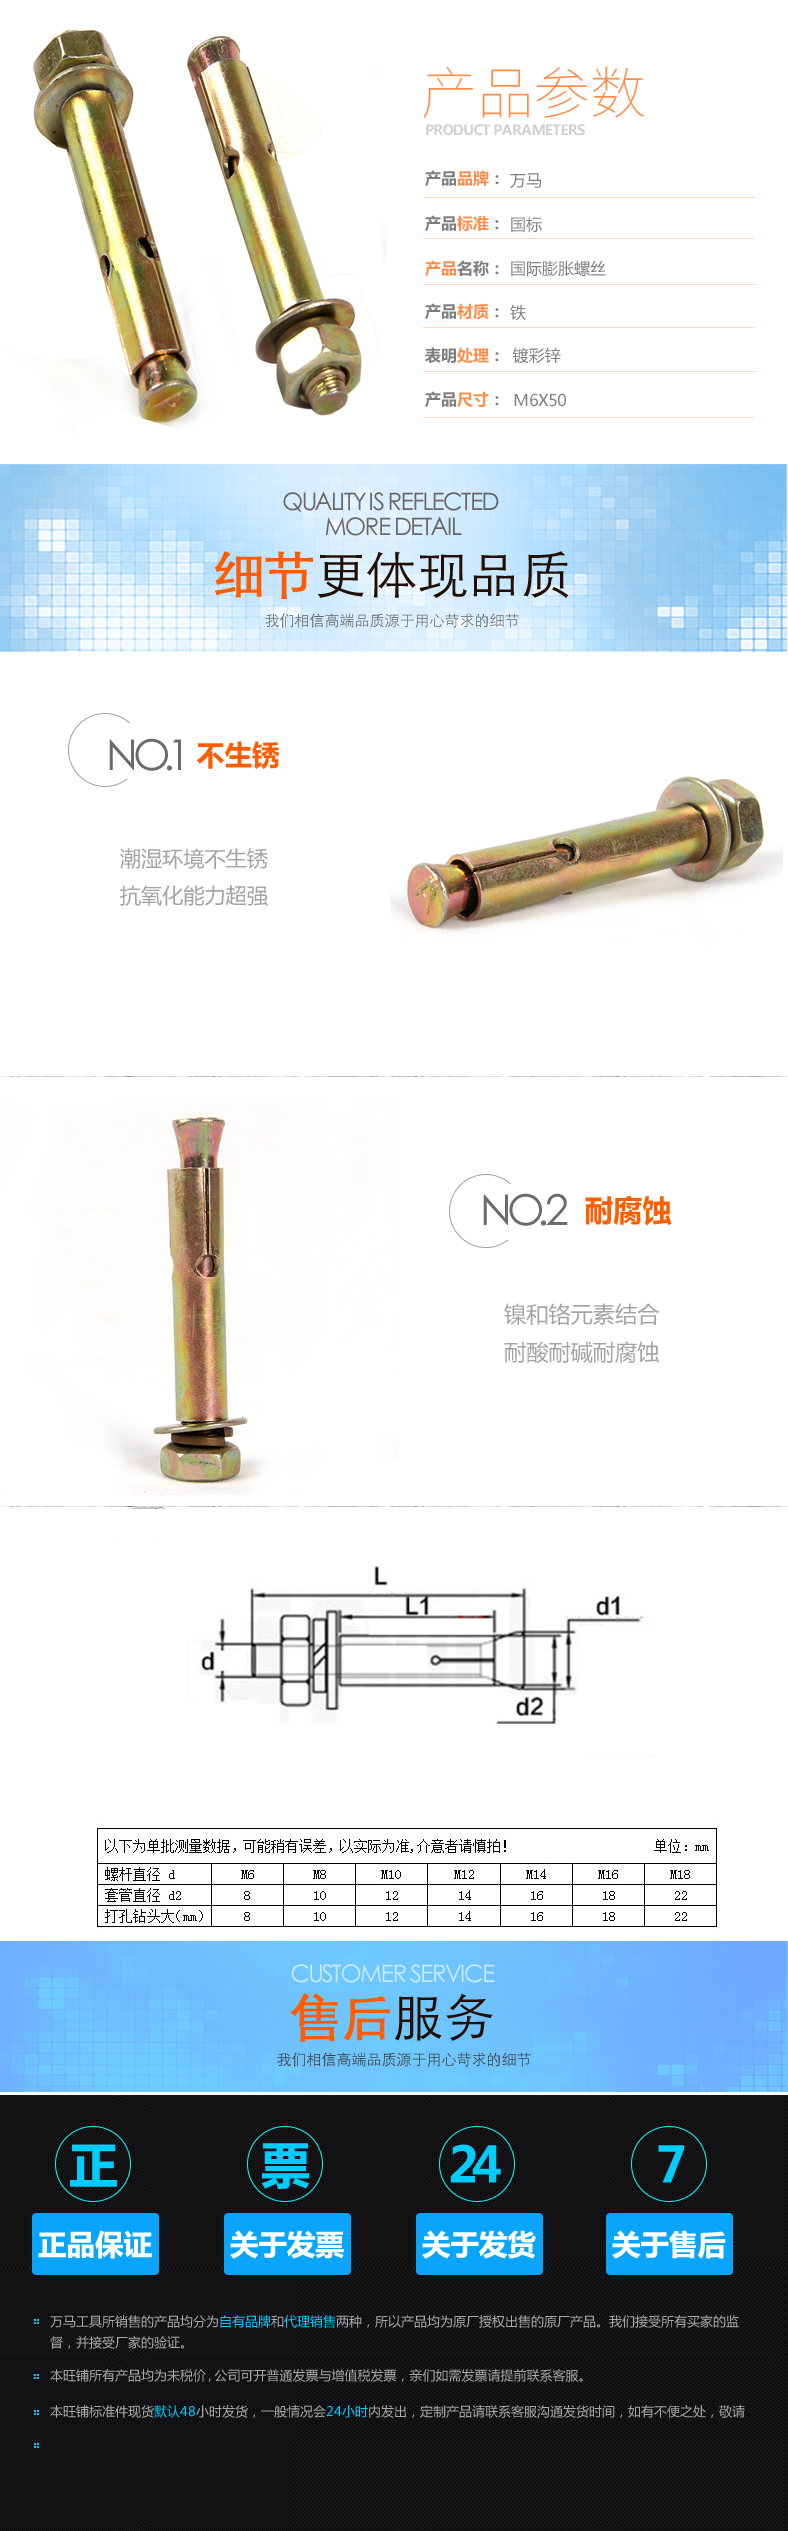 镀彩锌 国际膨胀螺丝 爆炸螺丝 标准件图片一